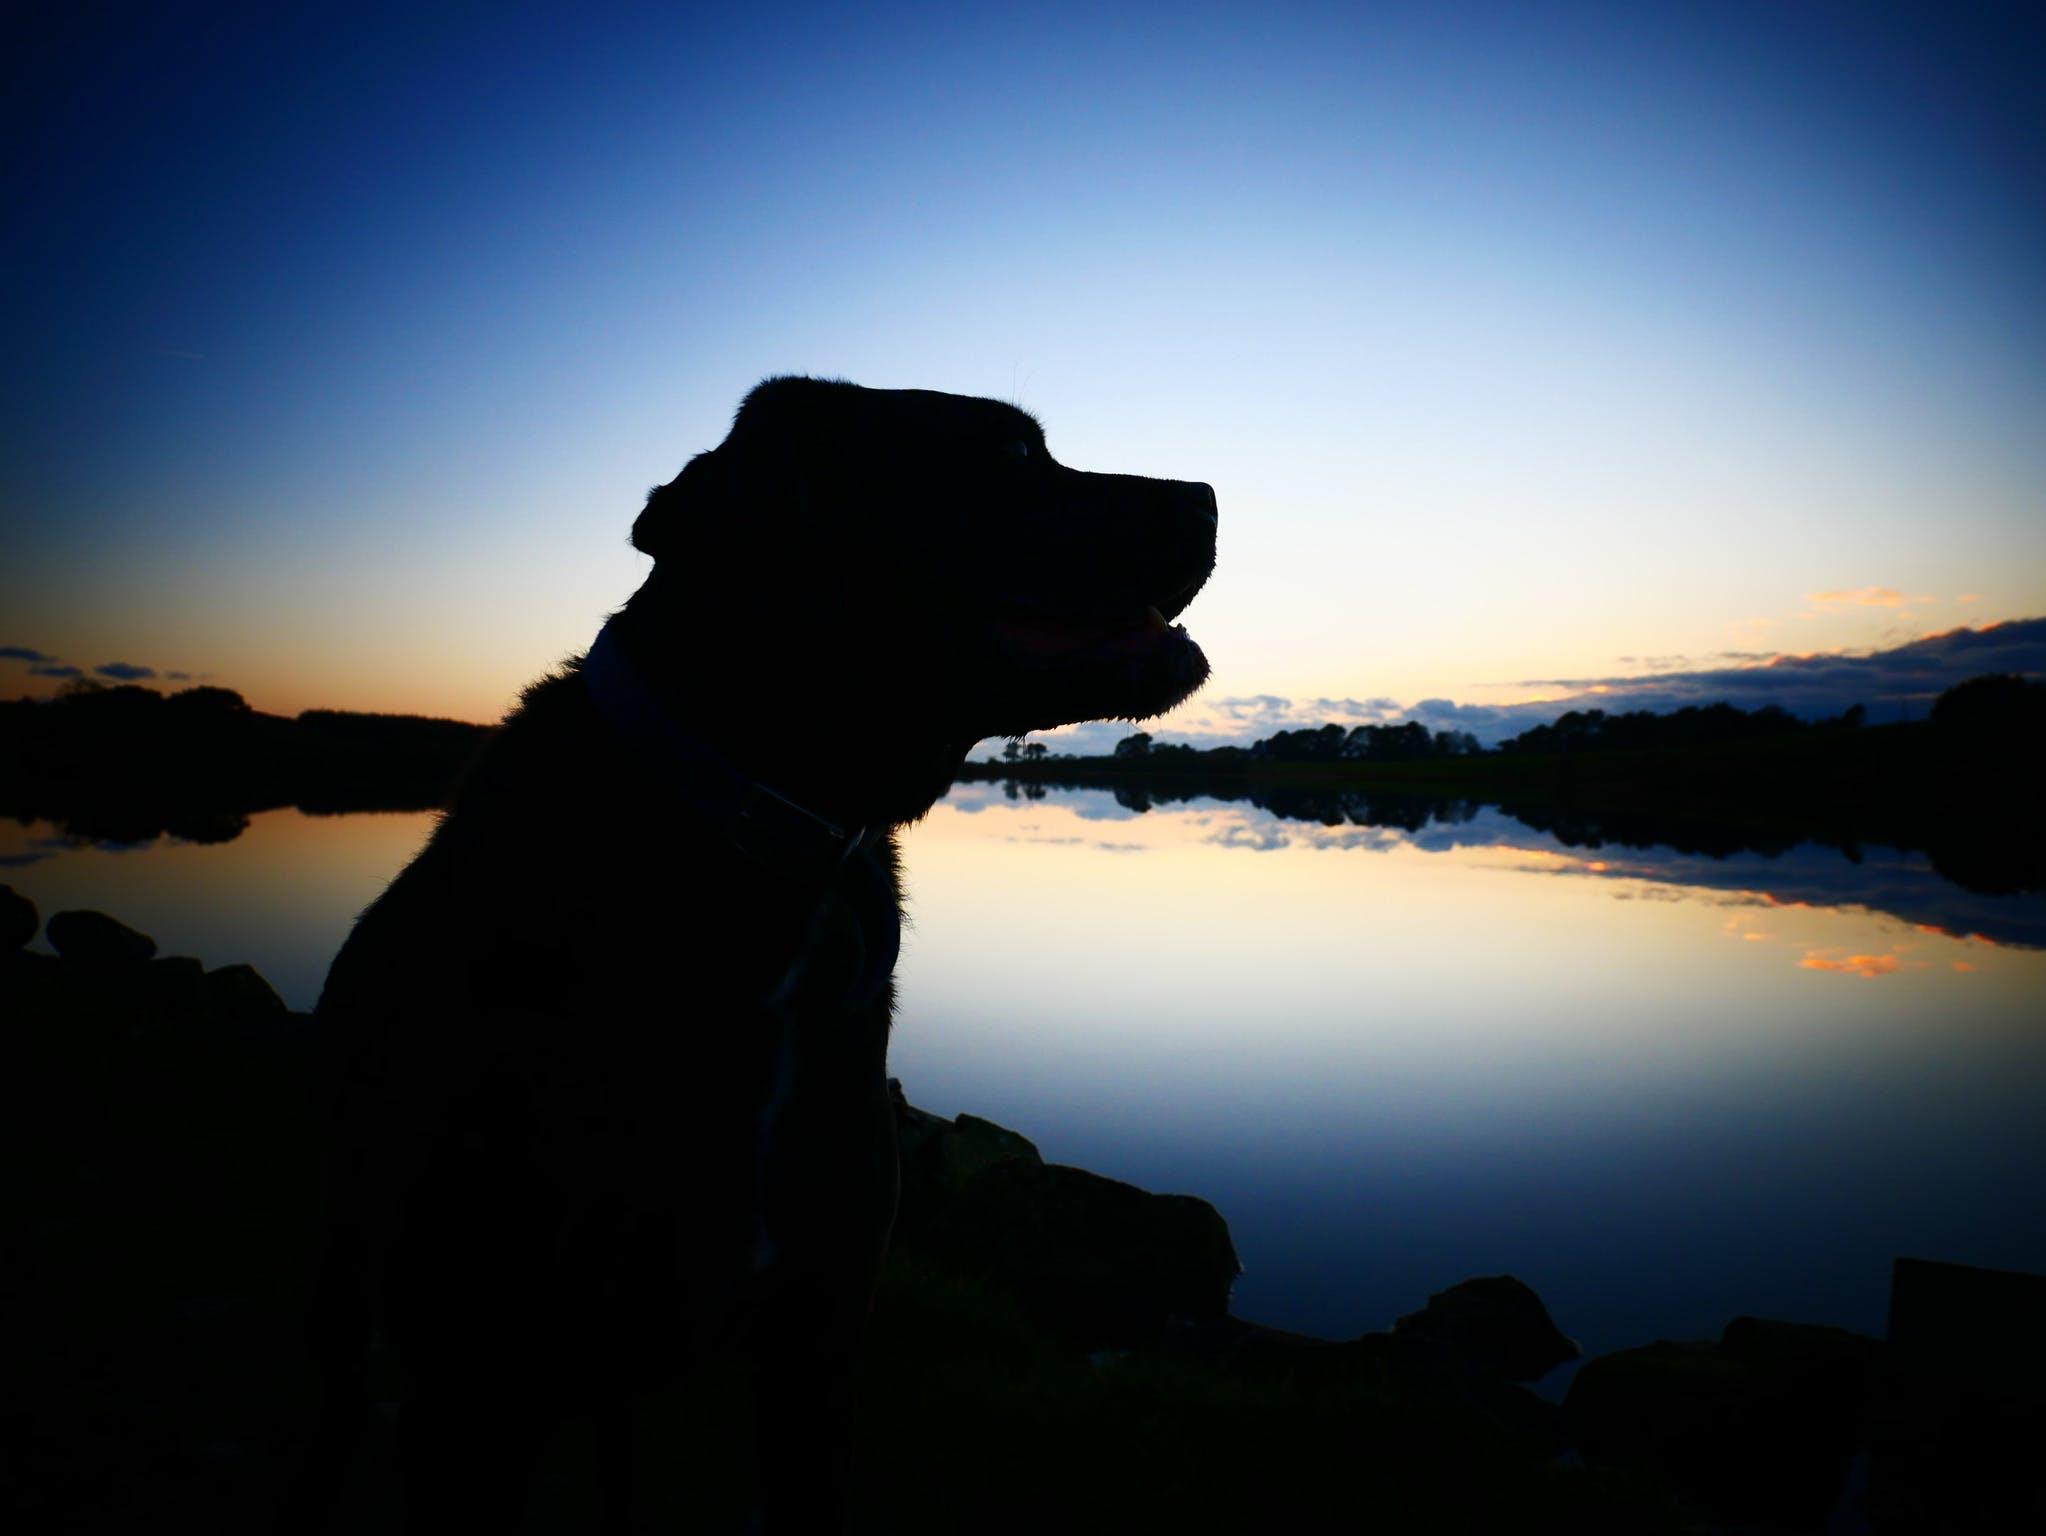 Gratis lagerfoto af goldrn, himmel, hund, perfekt